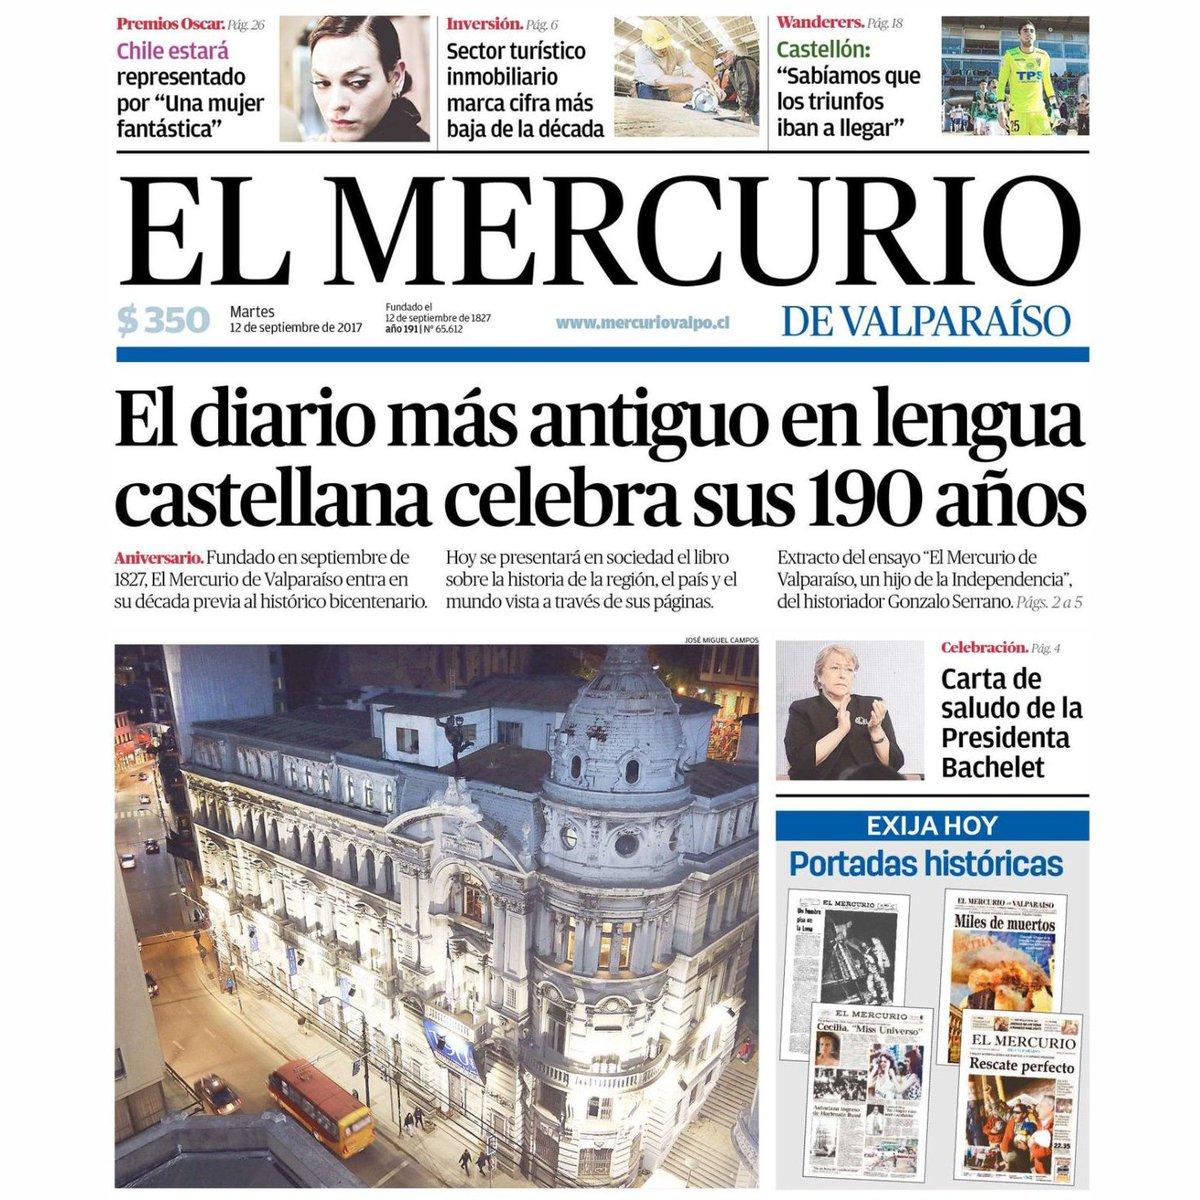 Risultato immagini per El Mercurio, el diario más antiguo de Chile